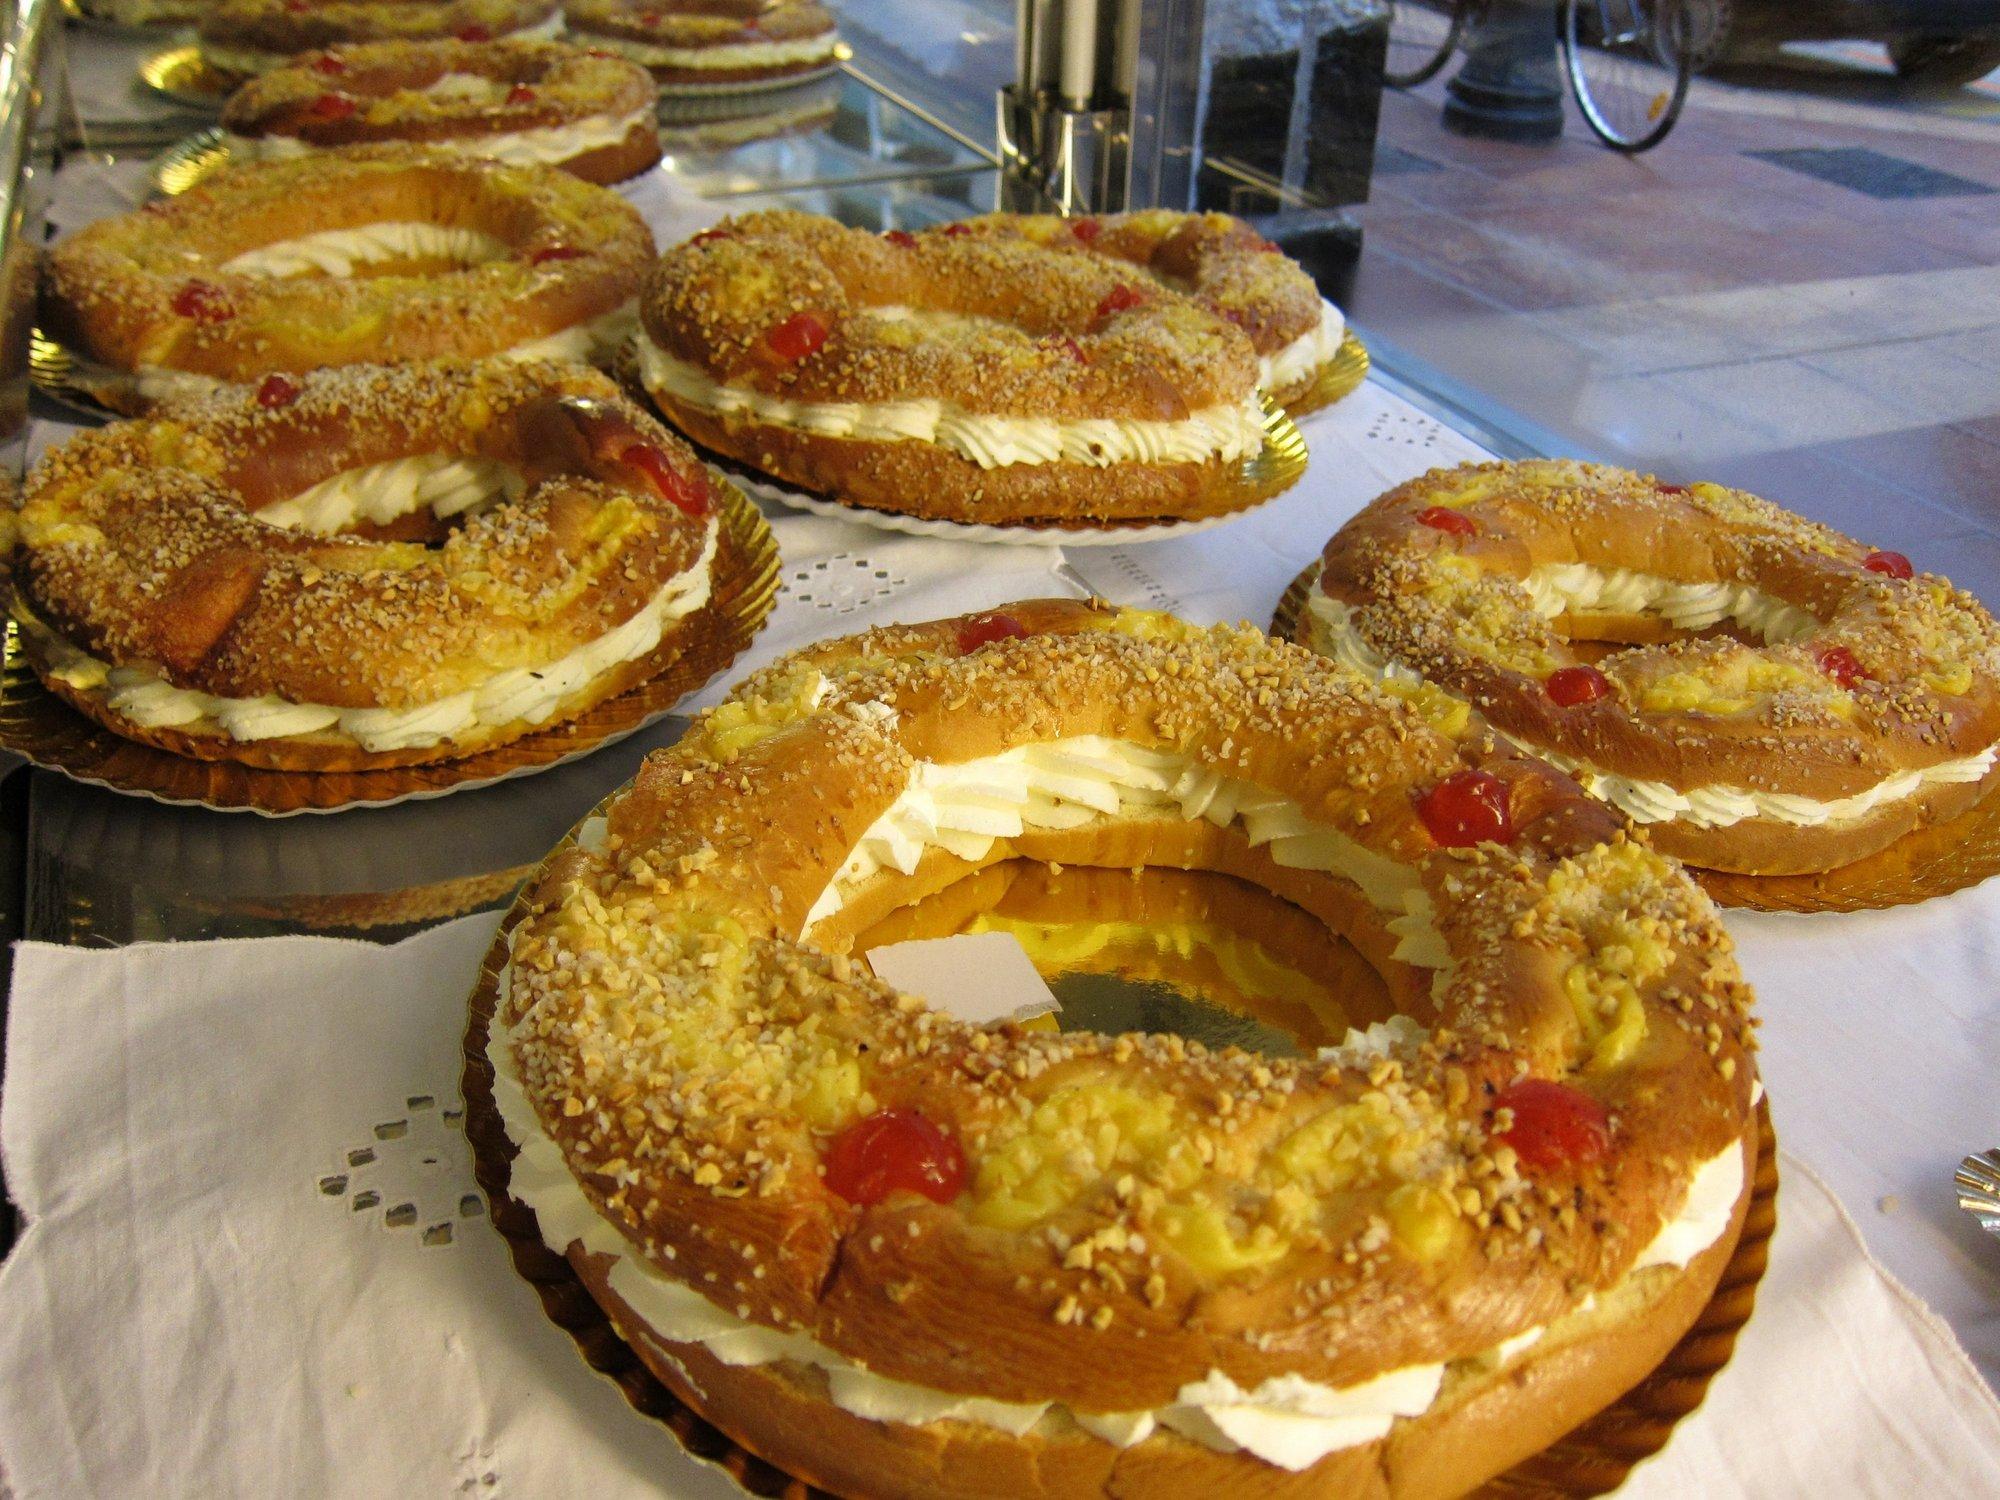 Las pastelerías esperan vender más de 60.000 roscones de San Valero